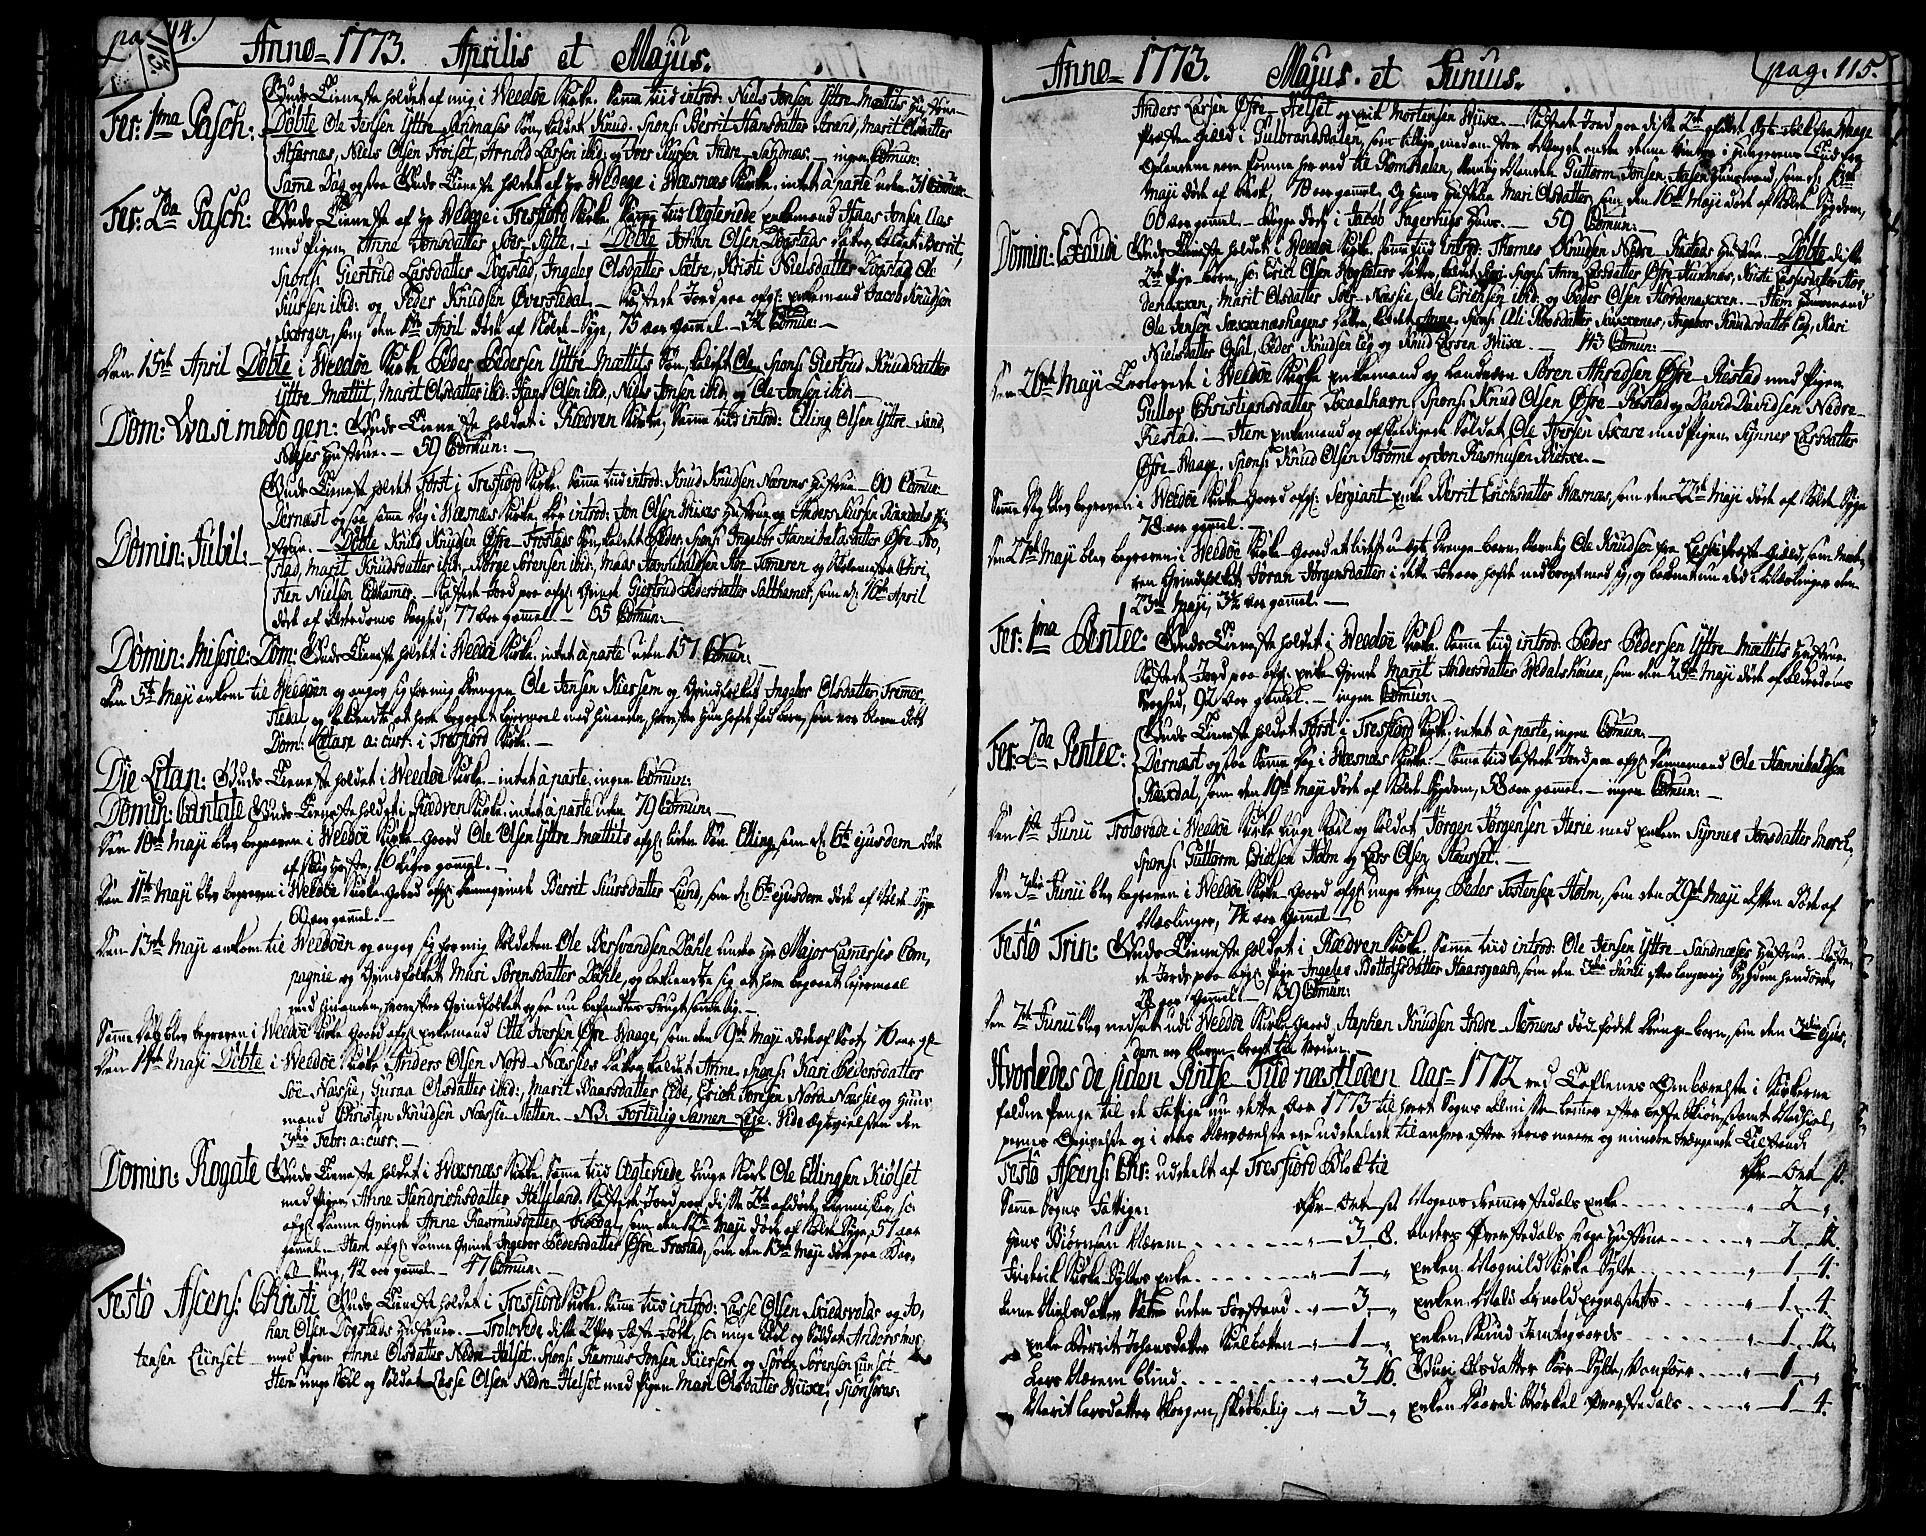 SAT, Ministerialprotokoller, klokkerbøker og fødselsregistre - Møre og Romsdal, 547/L0600: Ministerialbok nr. 547A02, 1765-1799, s. 114-115